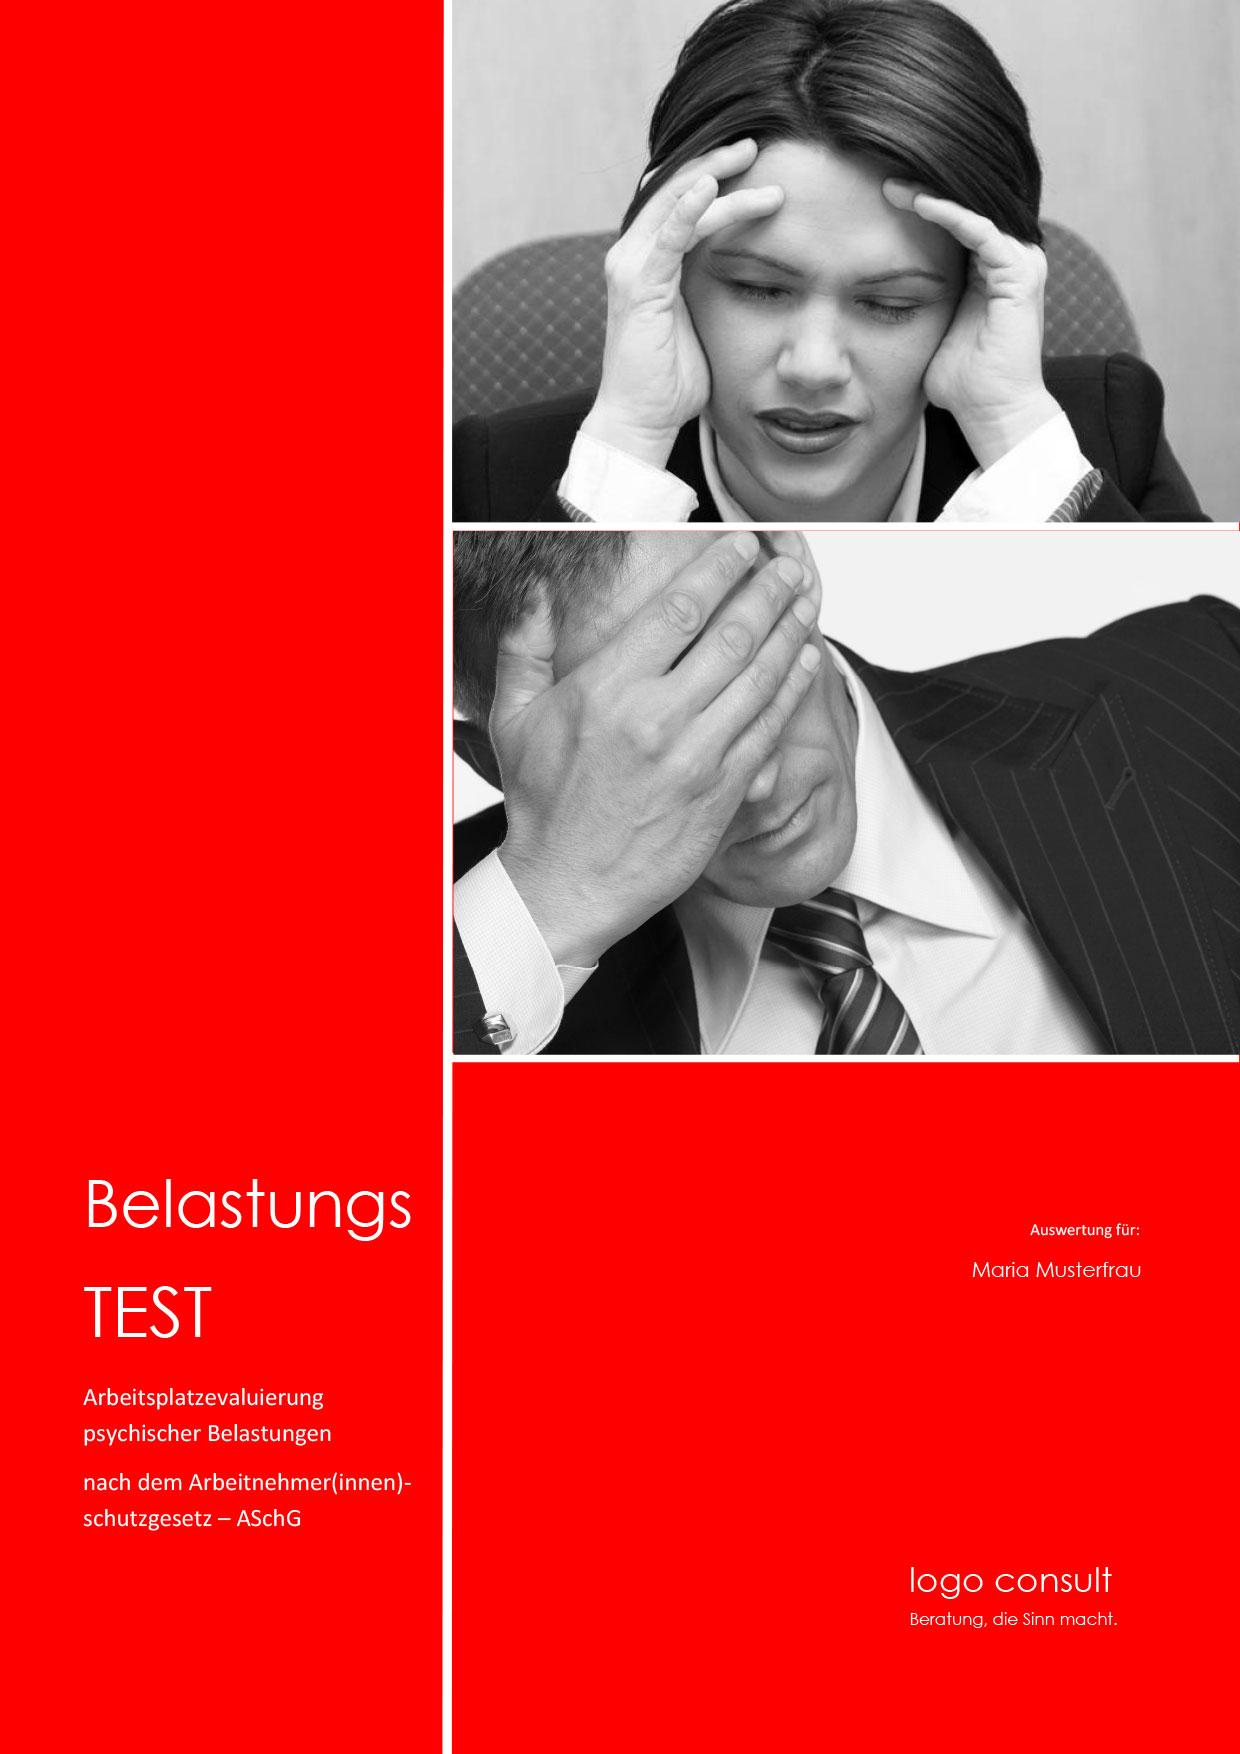 BT 1.0 – Belastungstest